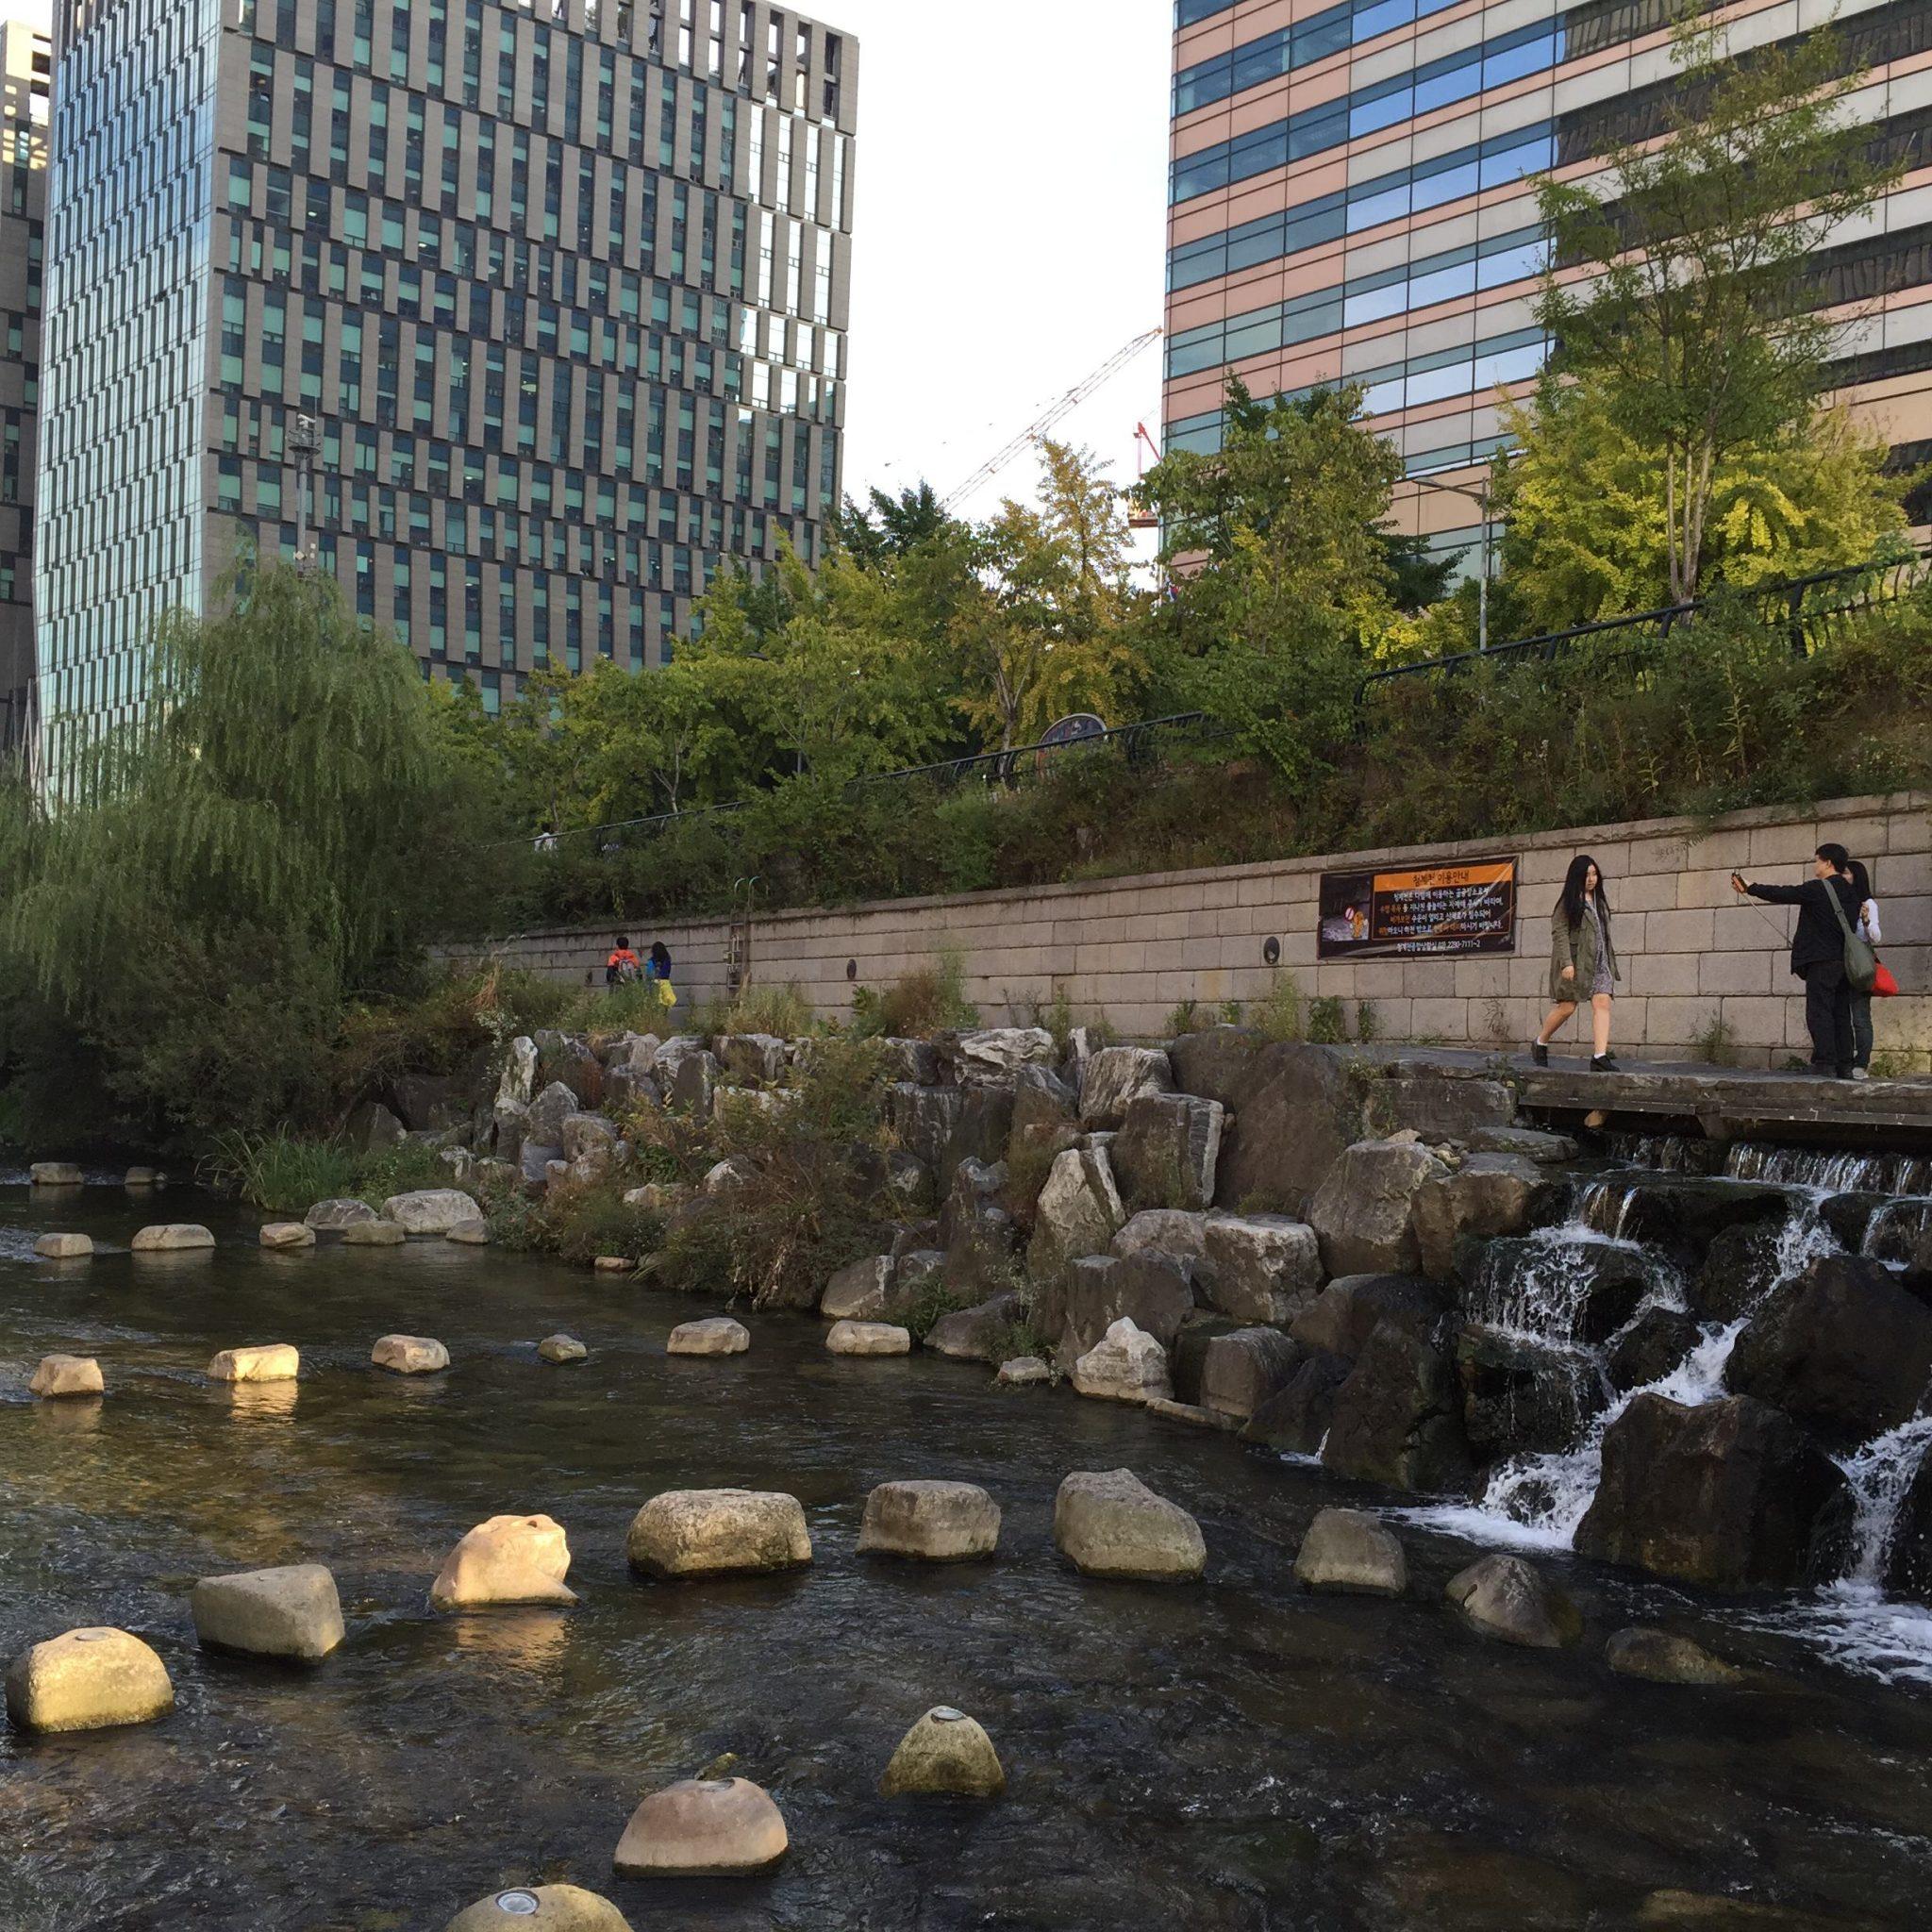 Cheonggyecheon stream in Seoul. Photo: David Maddox